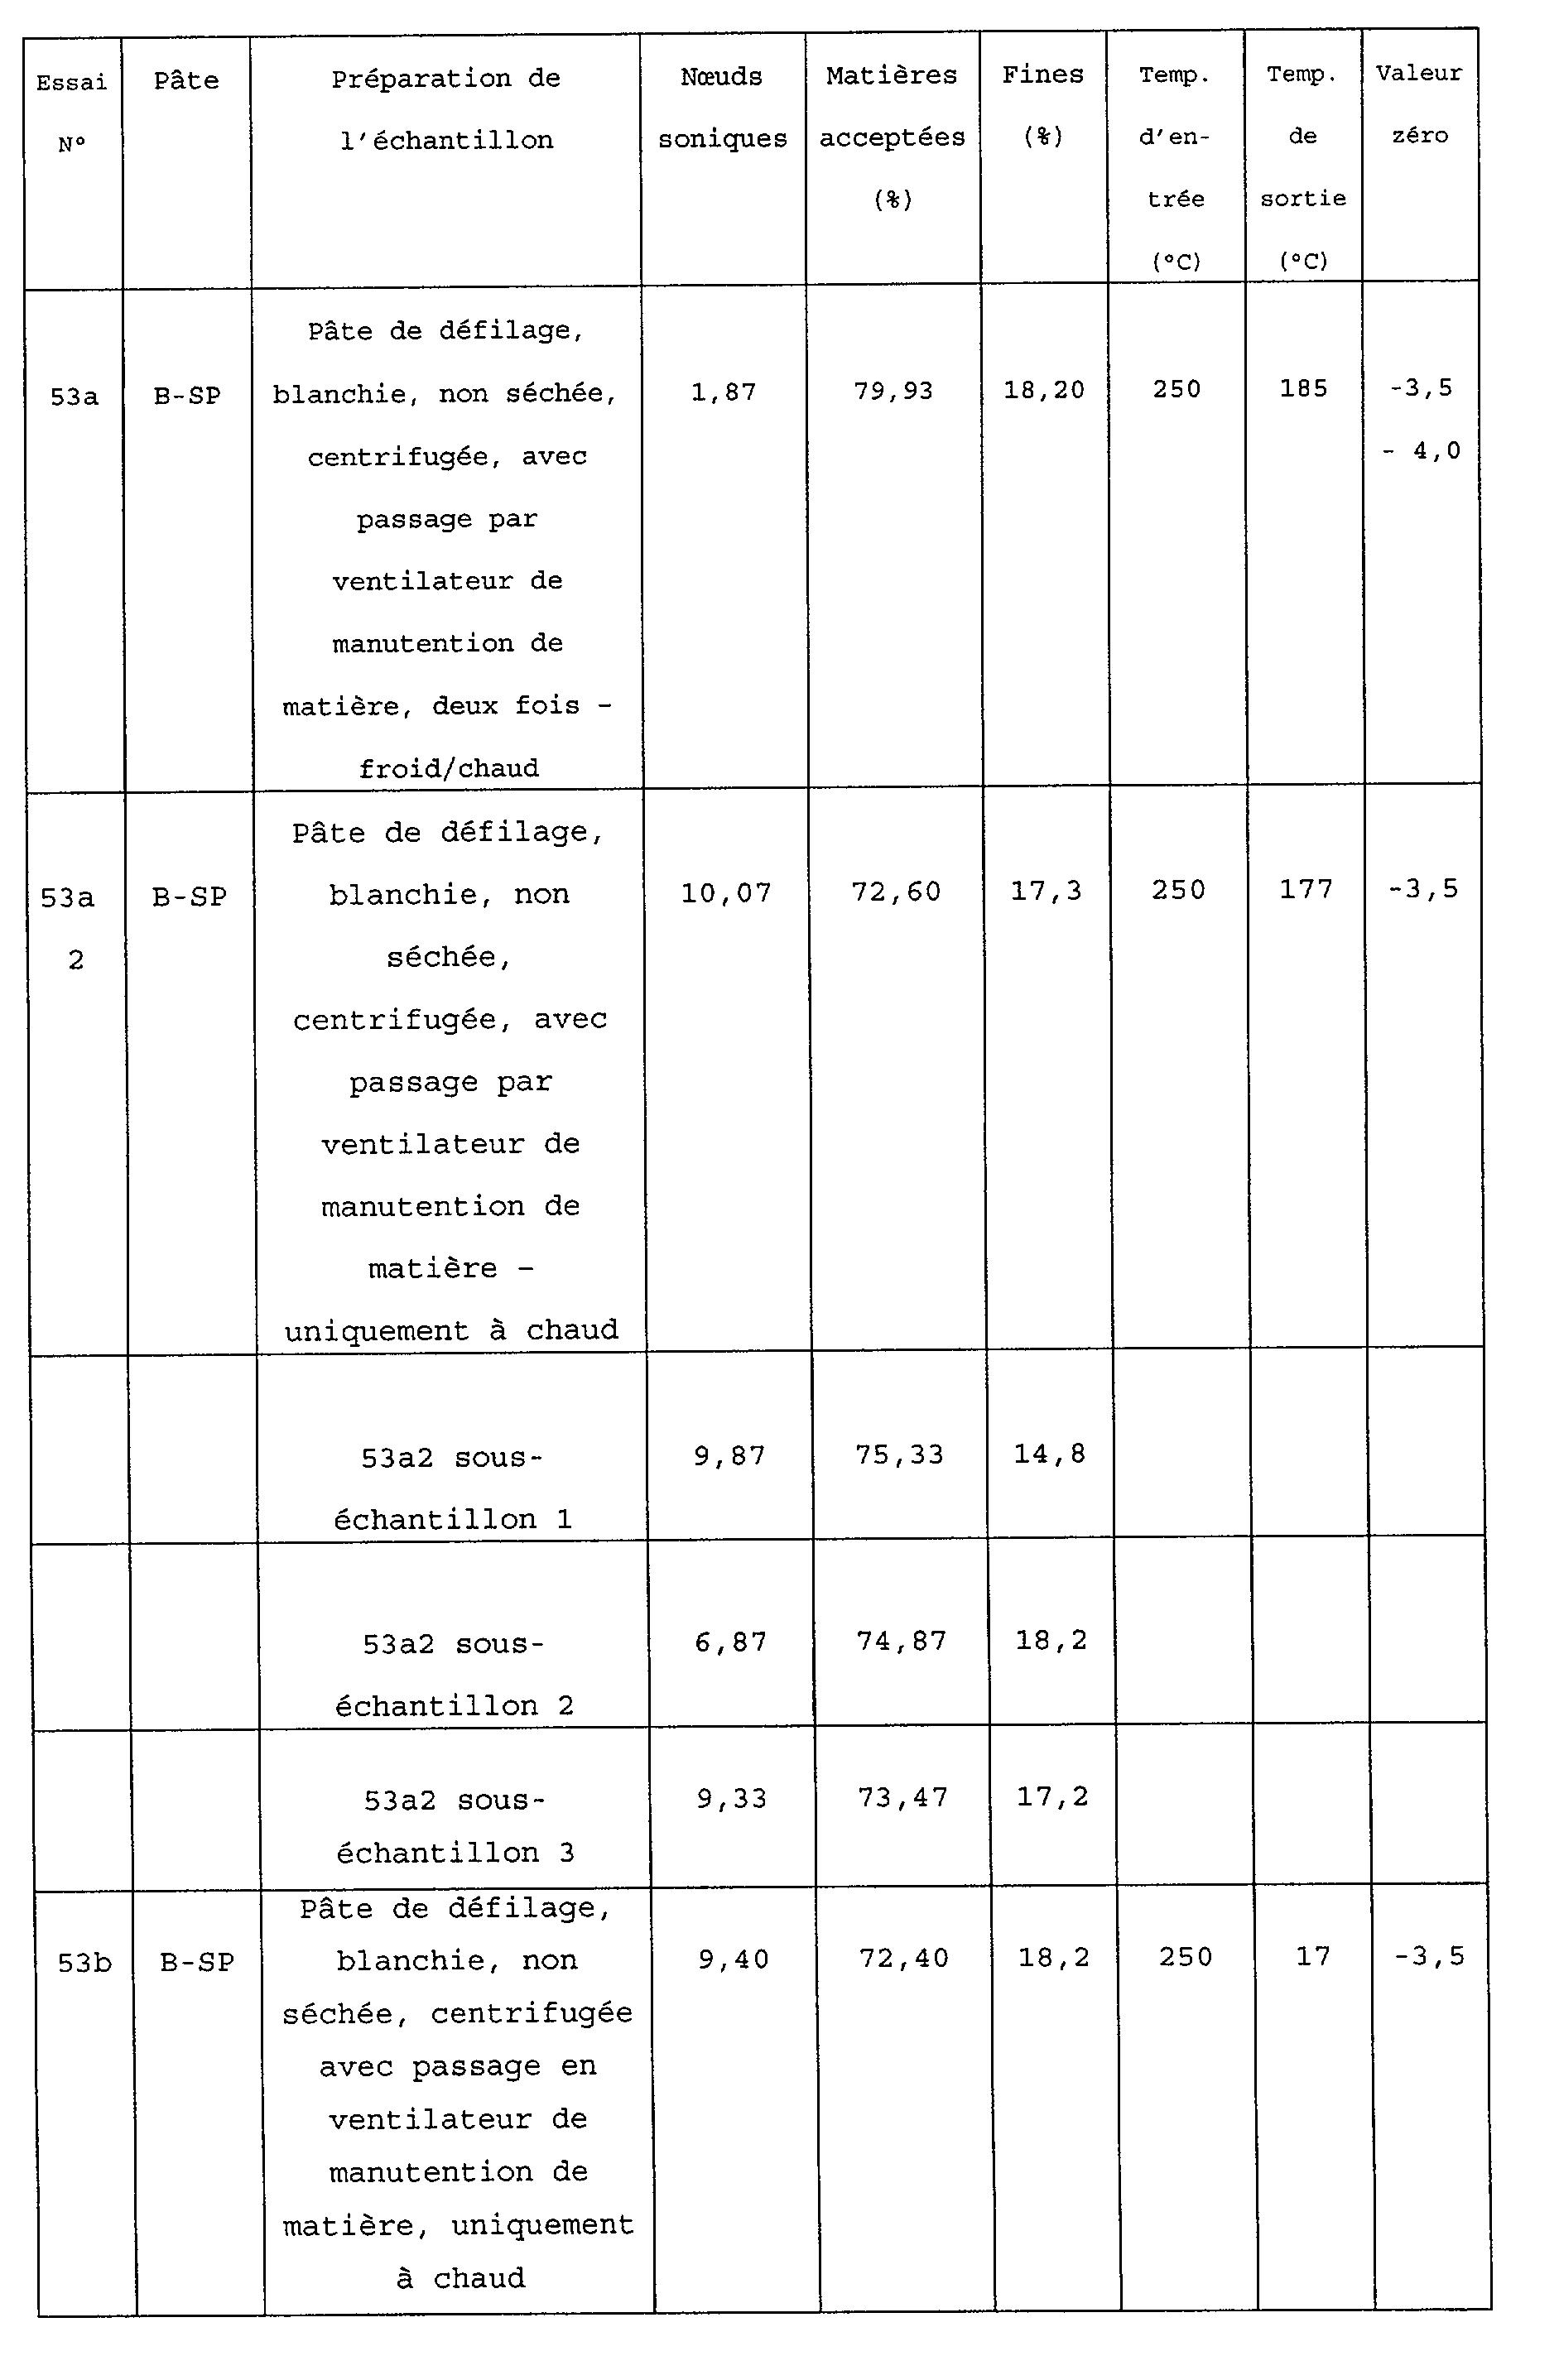 Figure img00670001